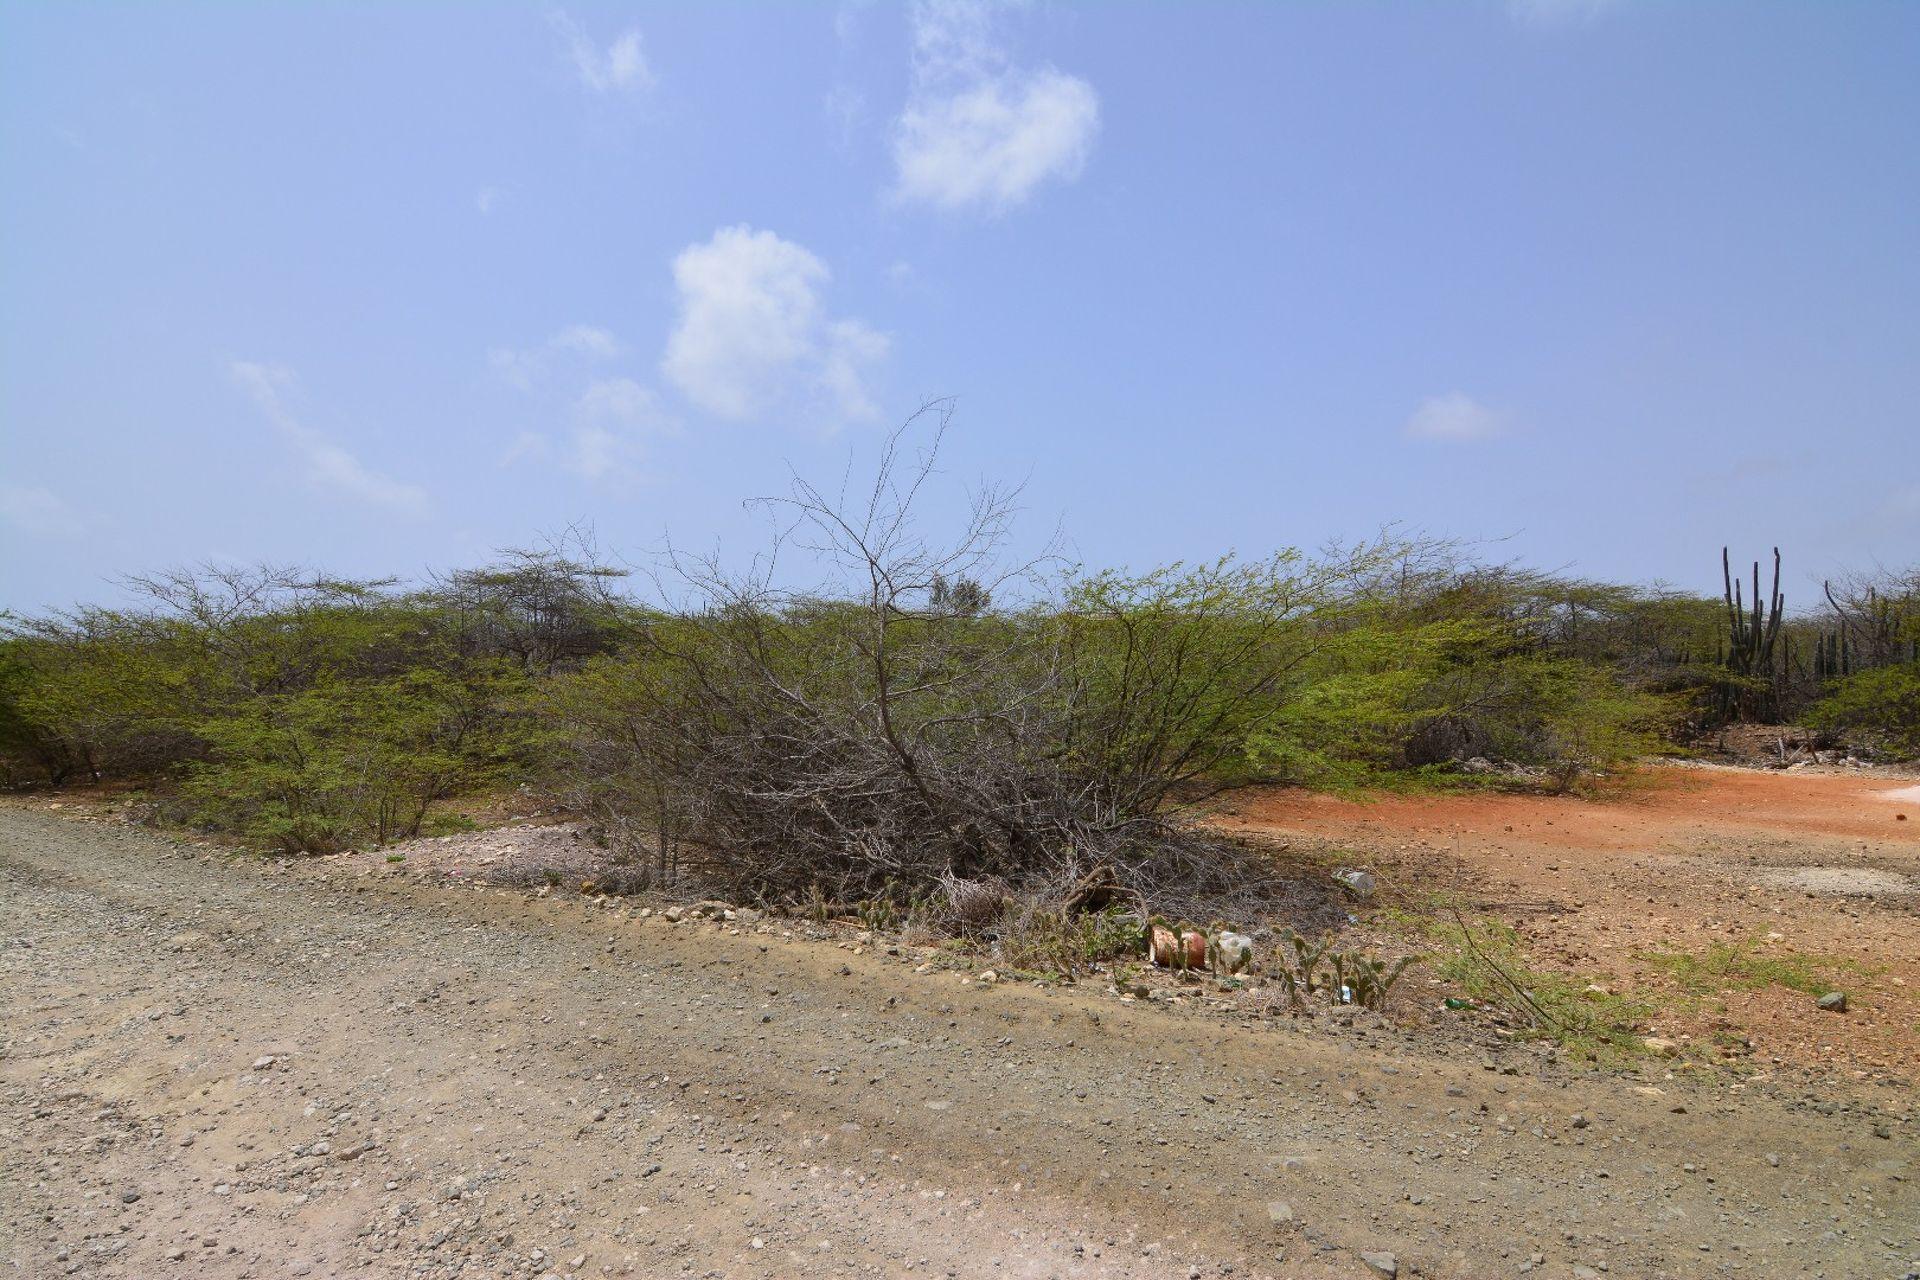 Bouwkavel eigen grond te koop op eiland bonaire caribisch nederland - Een stuk grond ontwikkelen ...